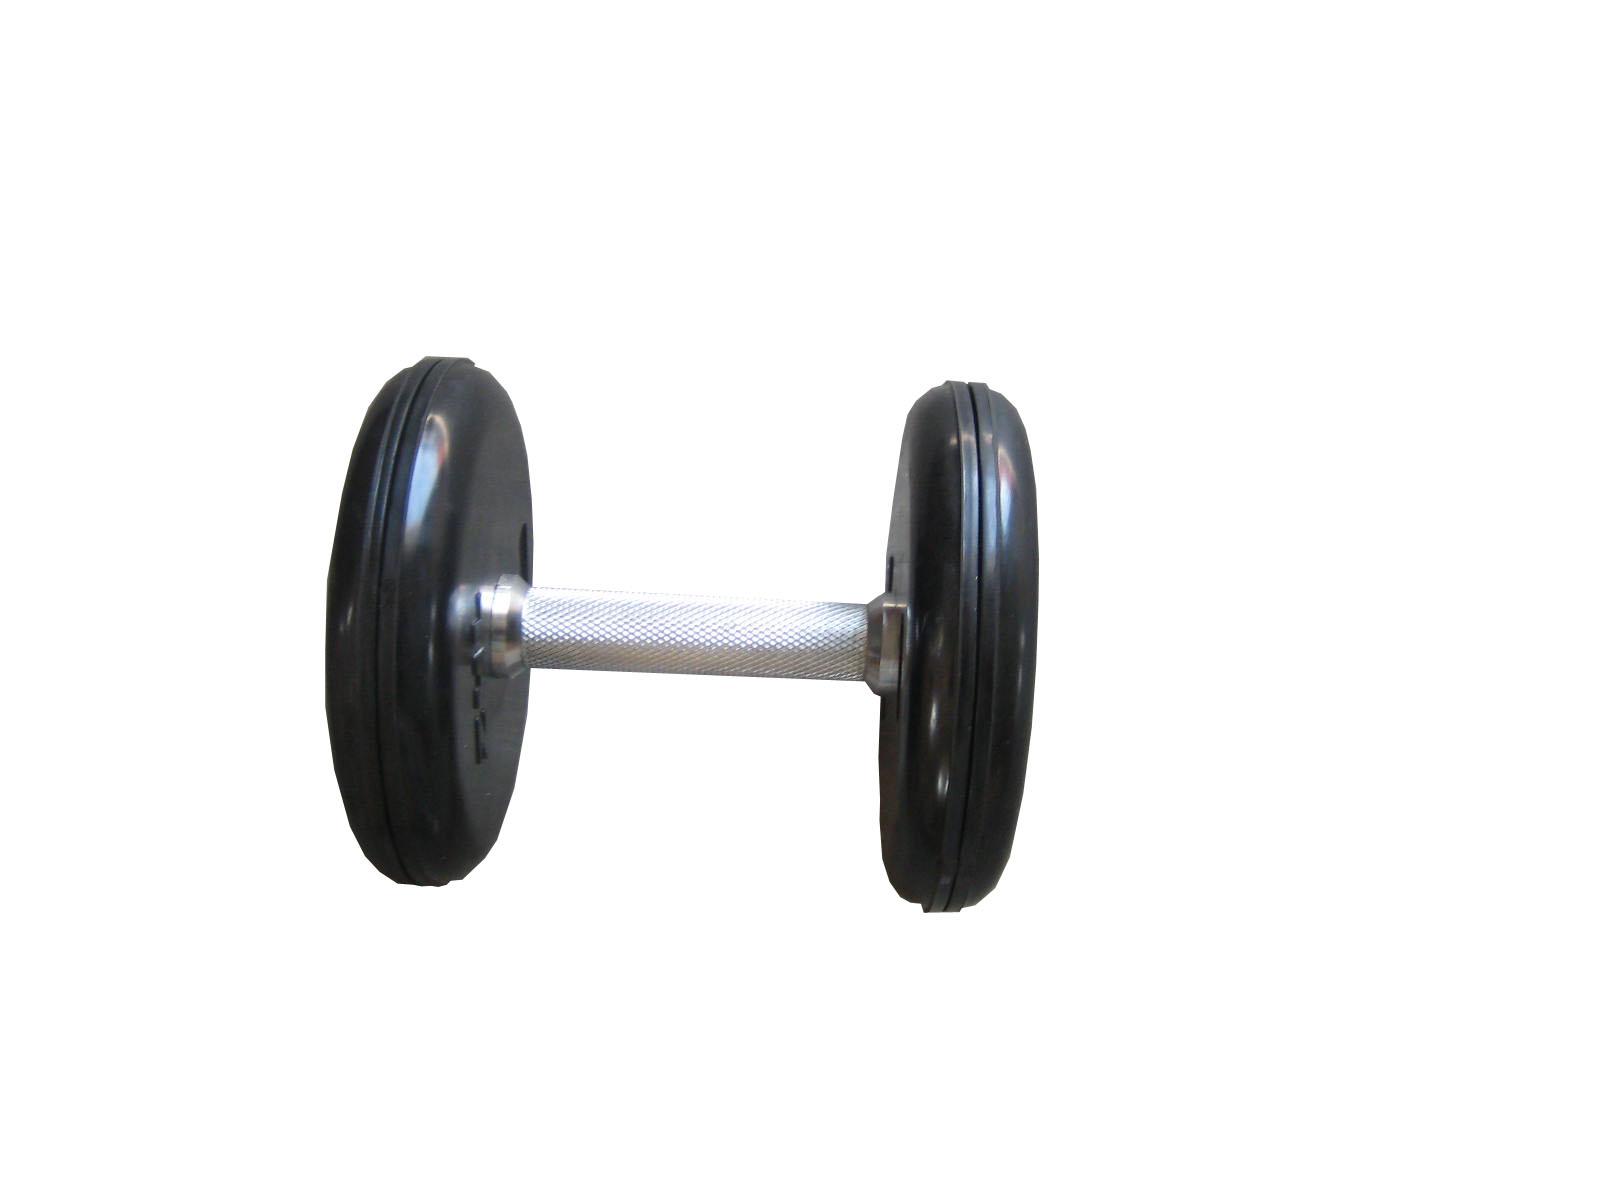 Činky jednoruční pogumované 12 kg Jednoručky pogumované 12 kg